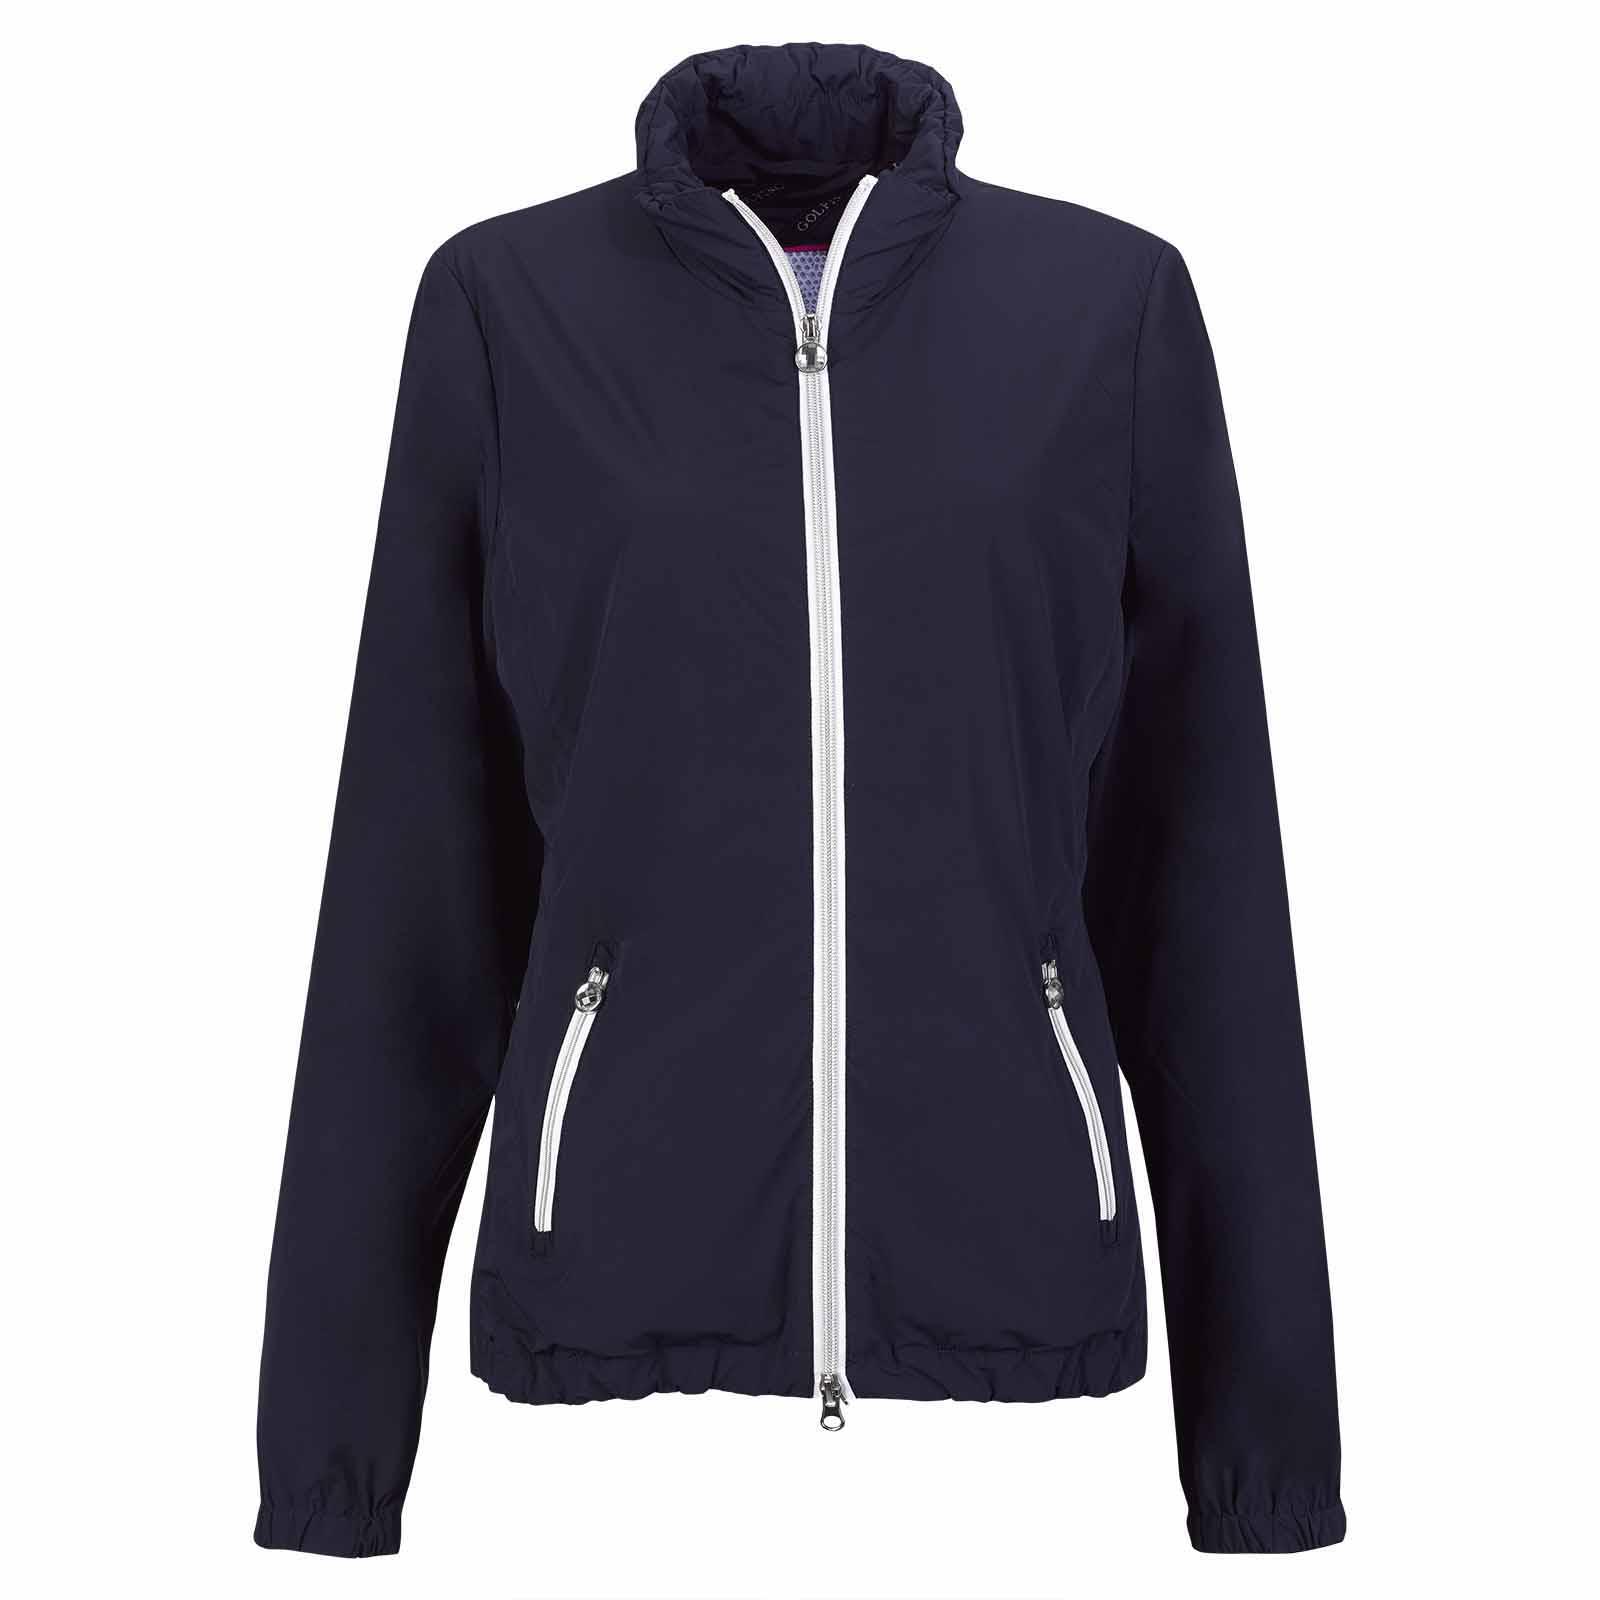 Damen Golfjacke mit Extra Stretch Komfort und leichtem Spielgefühl